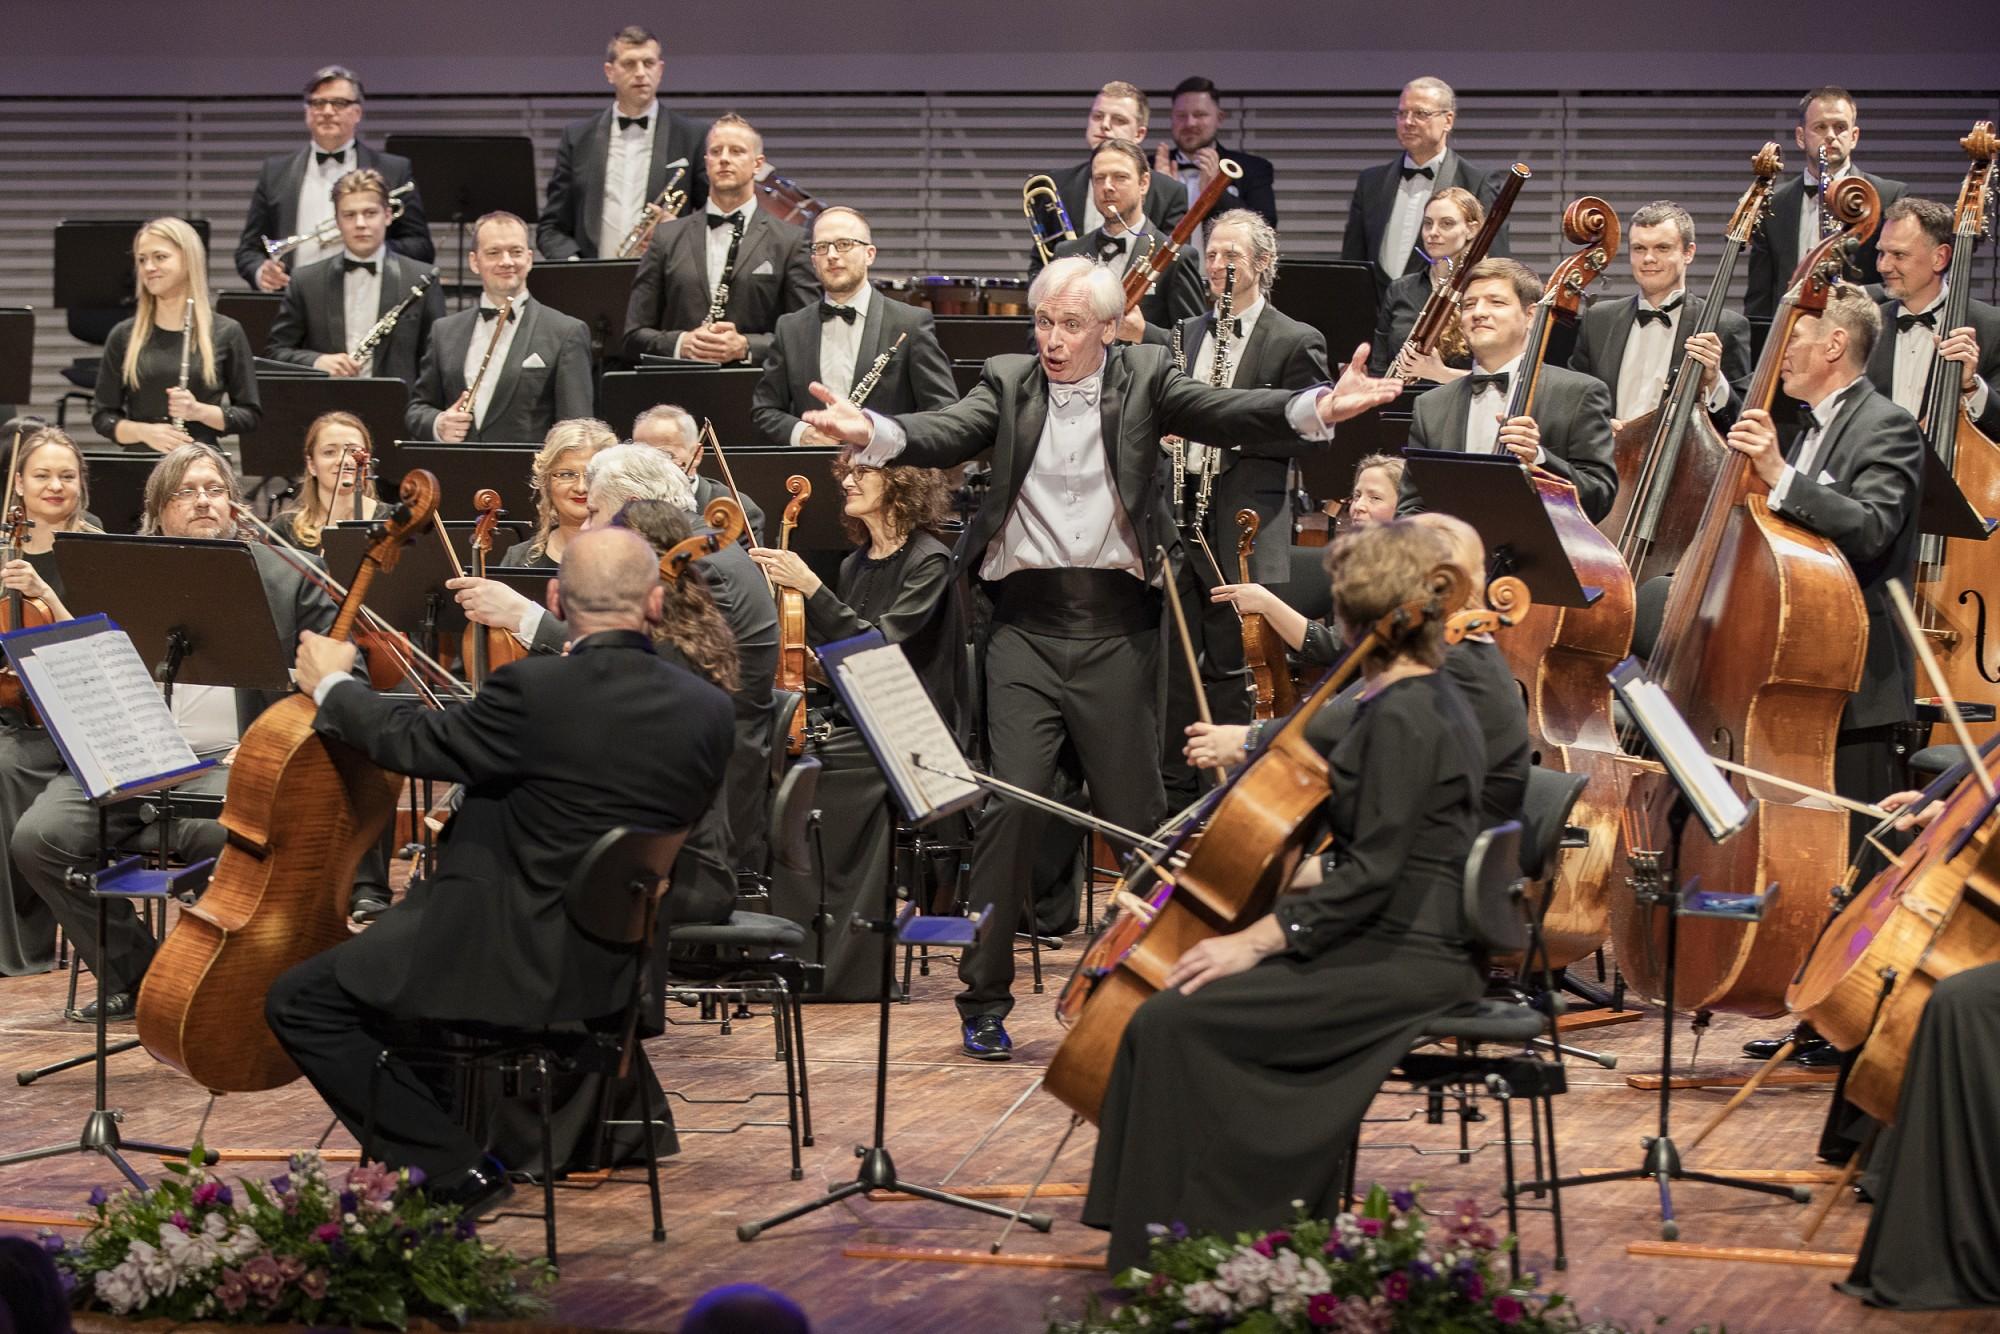 Liepājas Simfoniskais orķestris noslēdz 138. sezonu